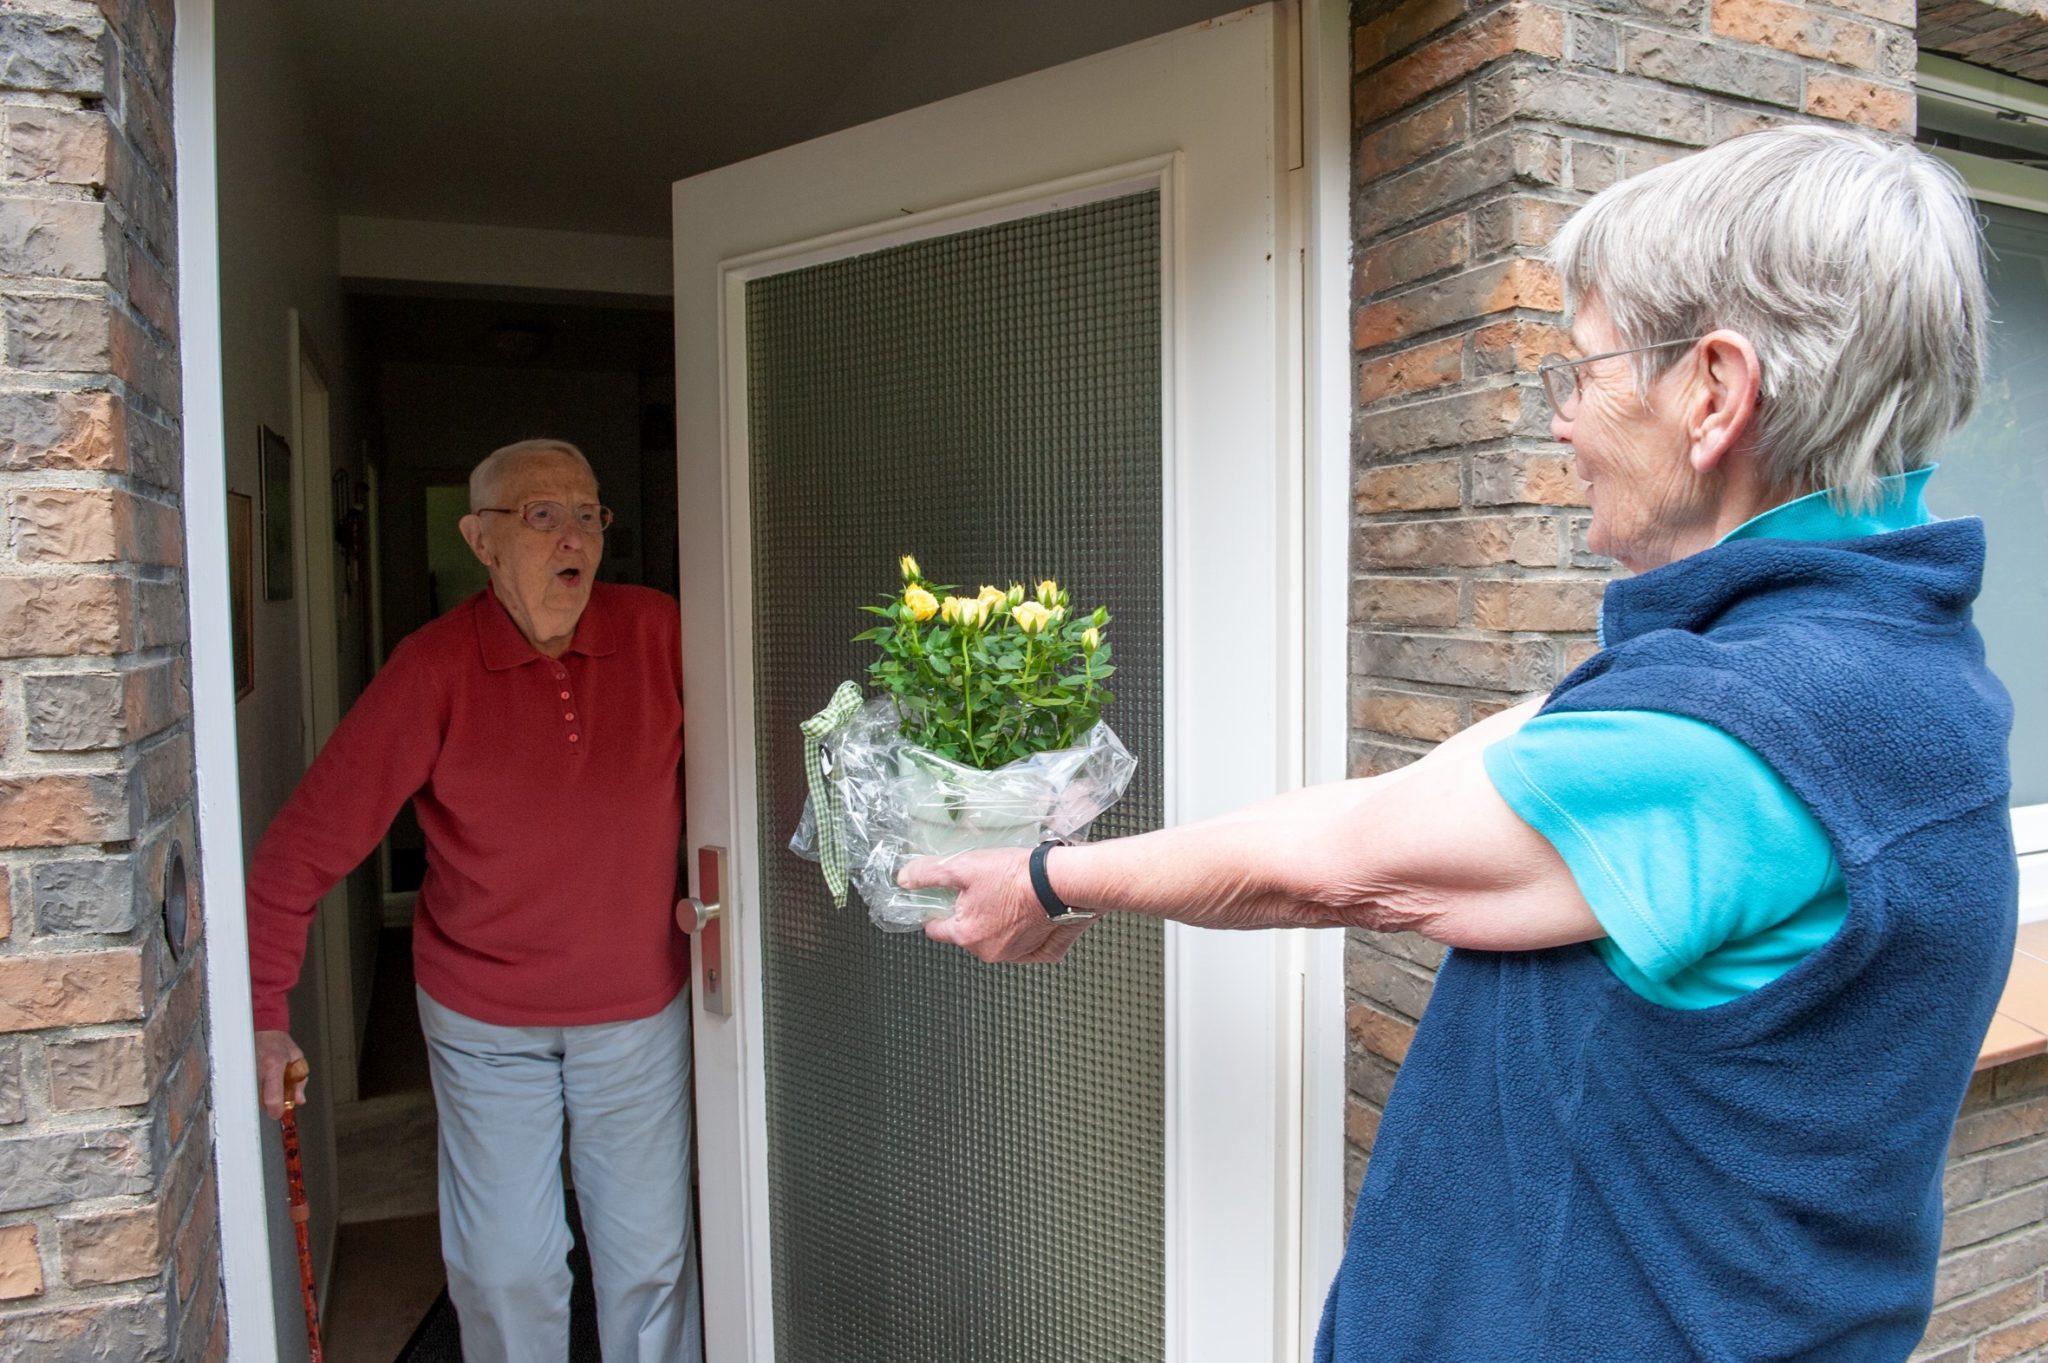 Einem Pflegenden Angehörigen werden Blumen überreicht.